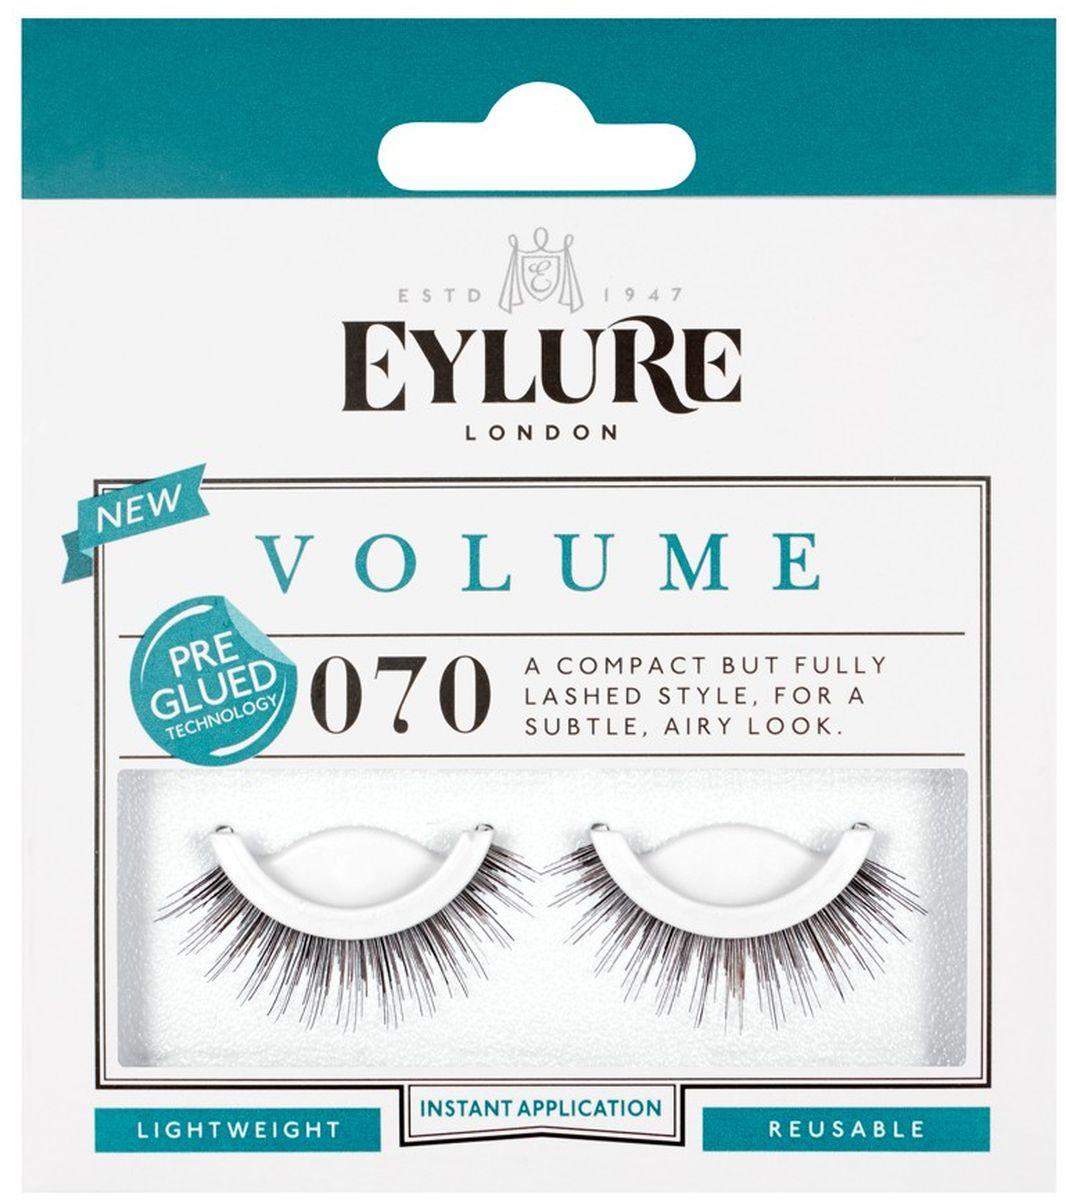 Eylure Накладные реницы объемные Volume Pre-Glued (с нанесенным клеем). 6006012MCBF003Накладные ресницы из натурального волоса для создания эффекта длины. В набор входит прозрачный клей для накладных ресниц Lashfix Clear.